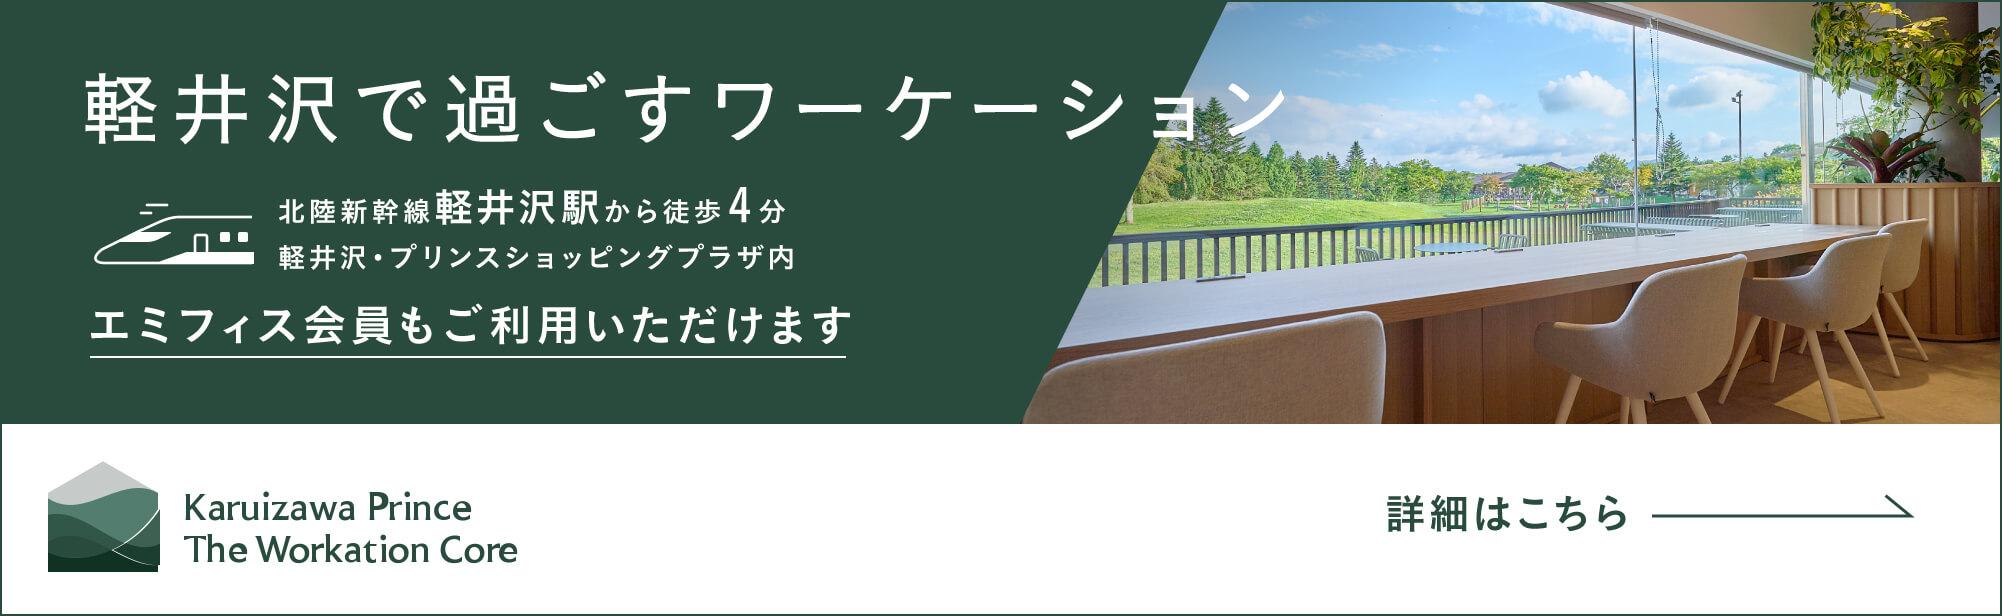 『軽井沢で過ごすワーケーション』エミフィス会員もご利用いただけます Karuizawa Prince The Workation Core 詳細はこちら